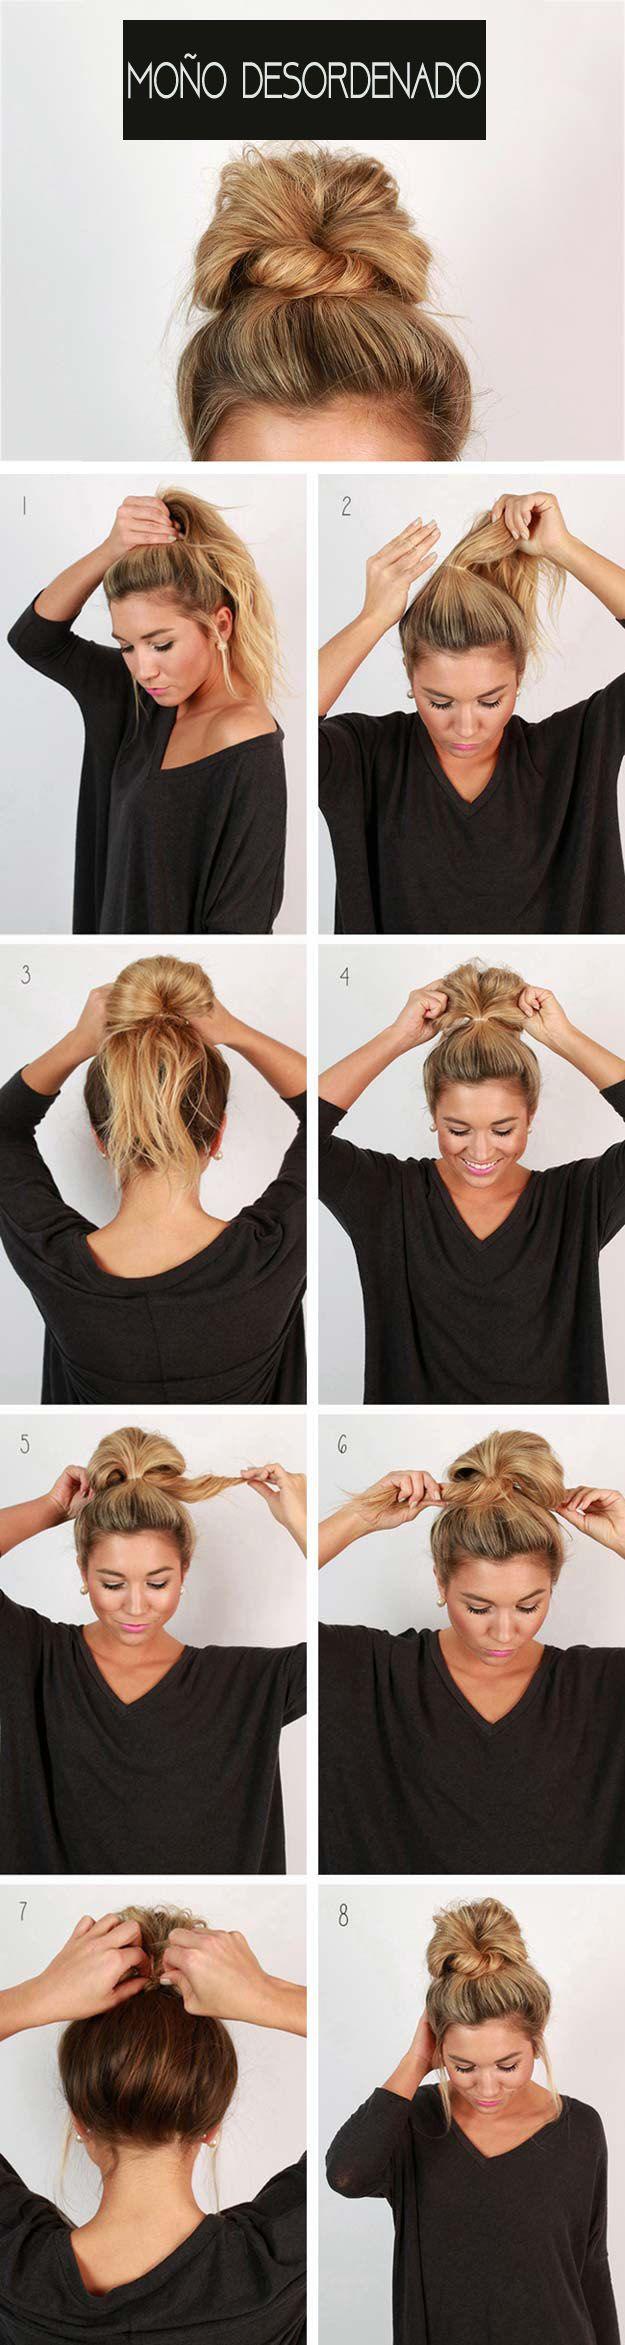 Como hacer un recogido con pelo largo